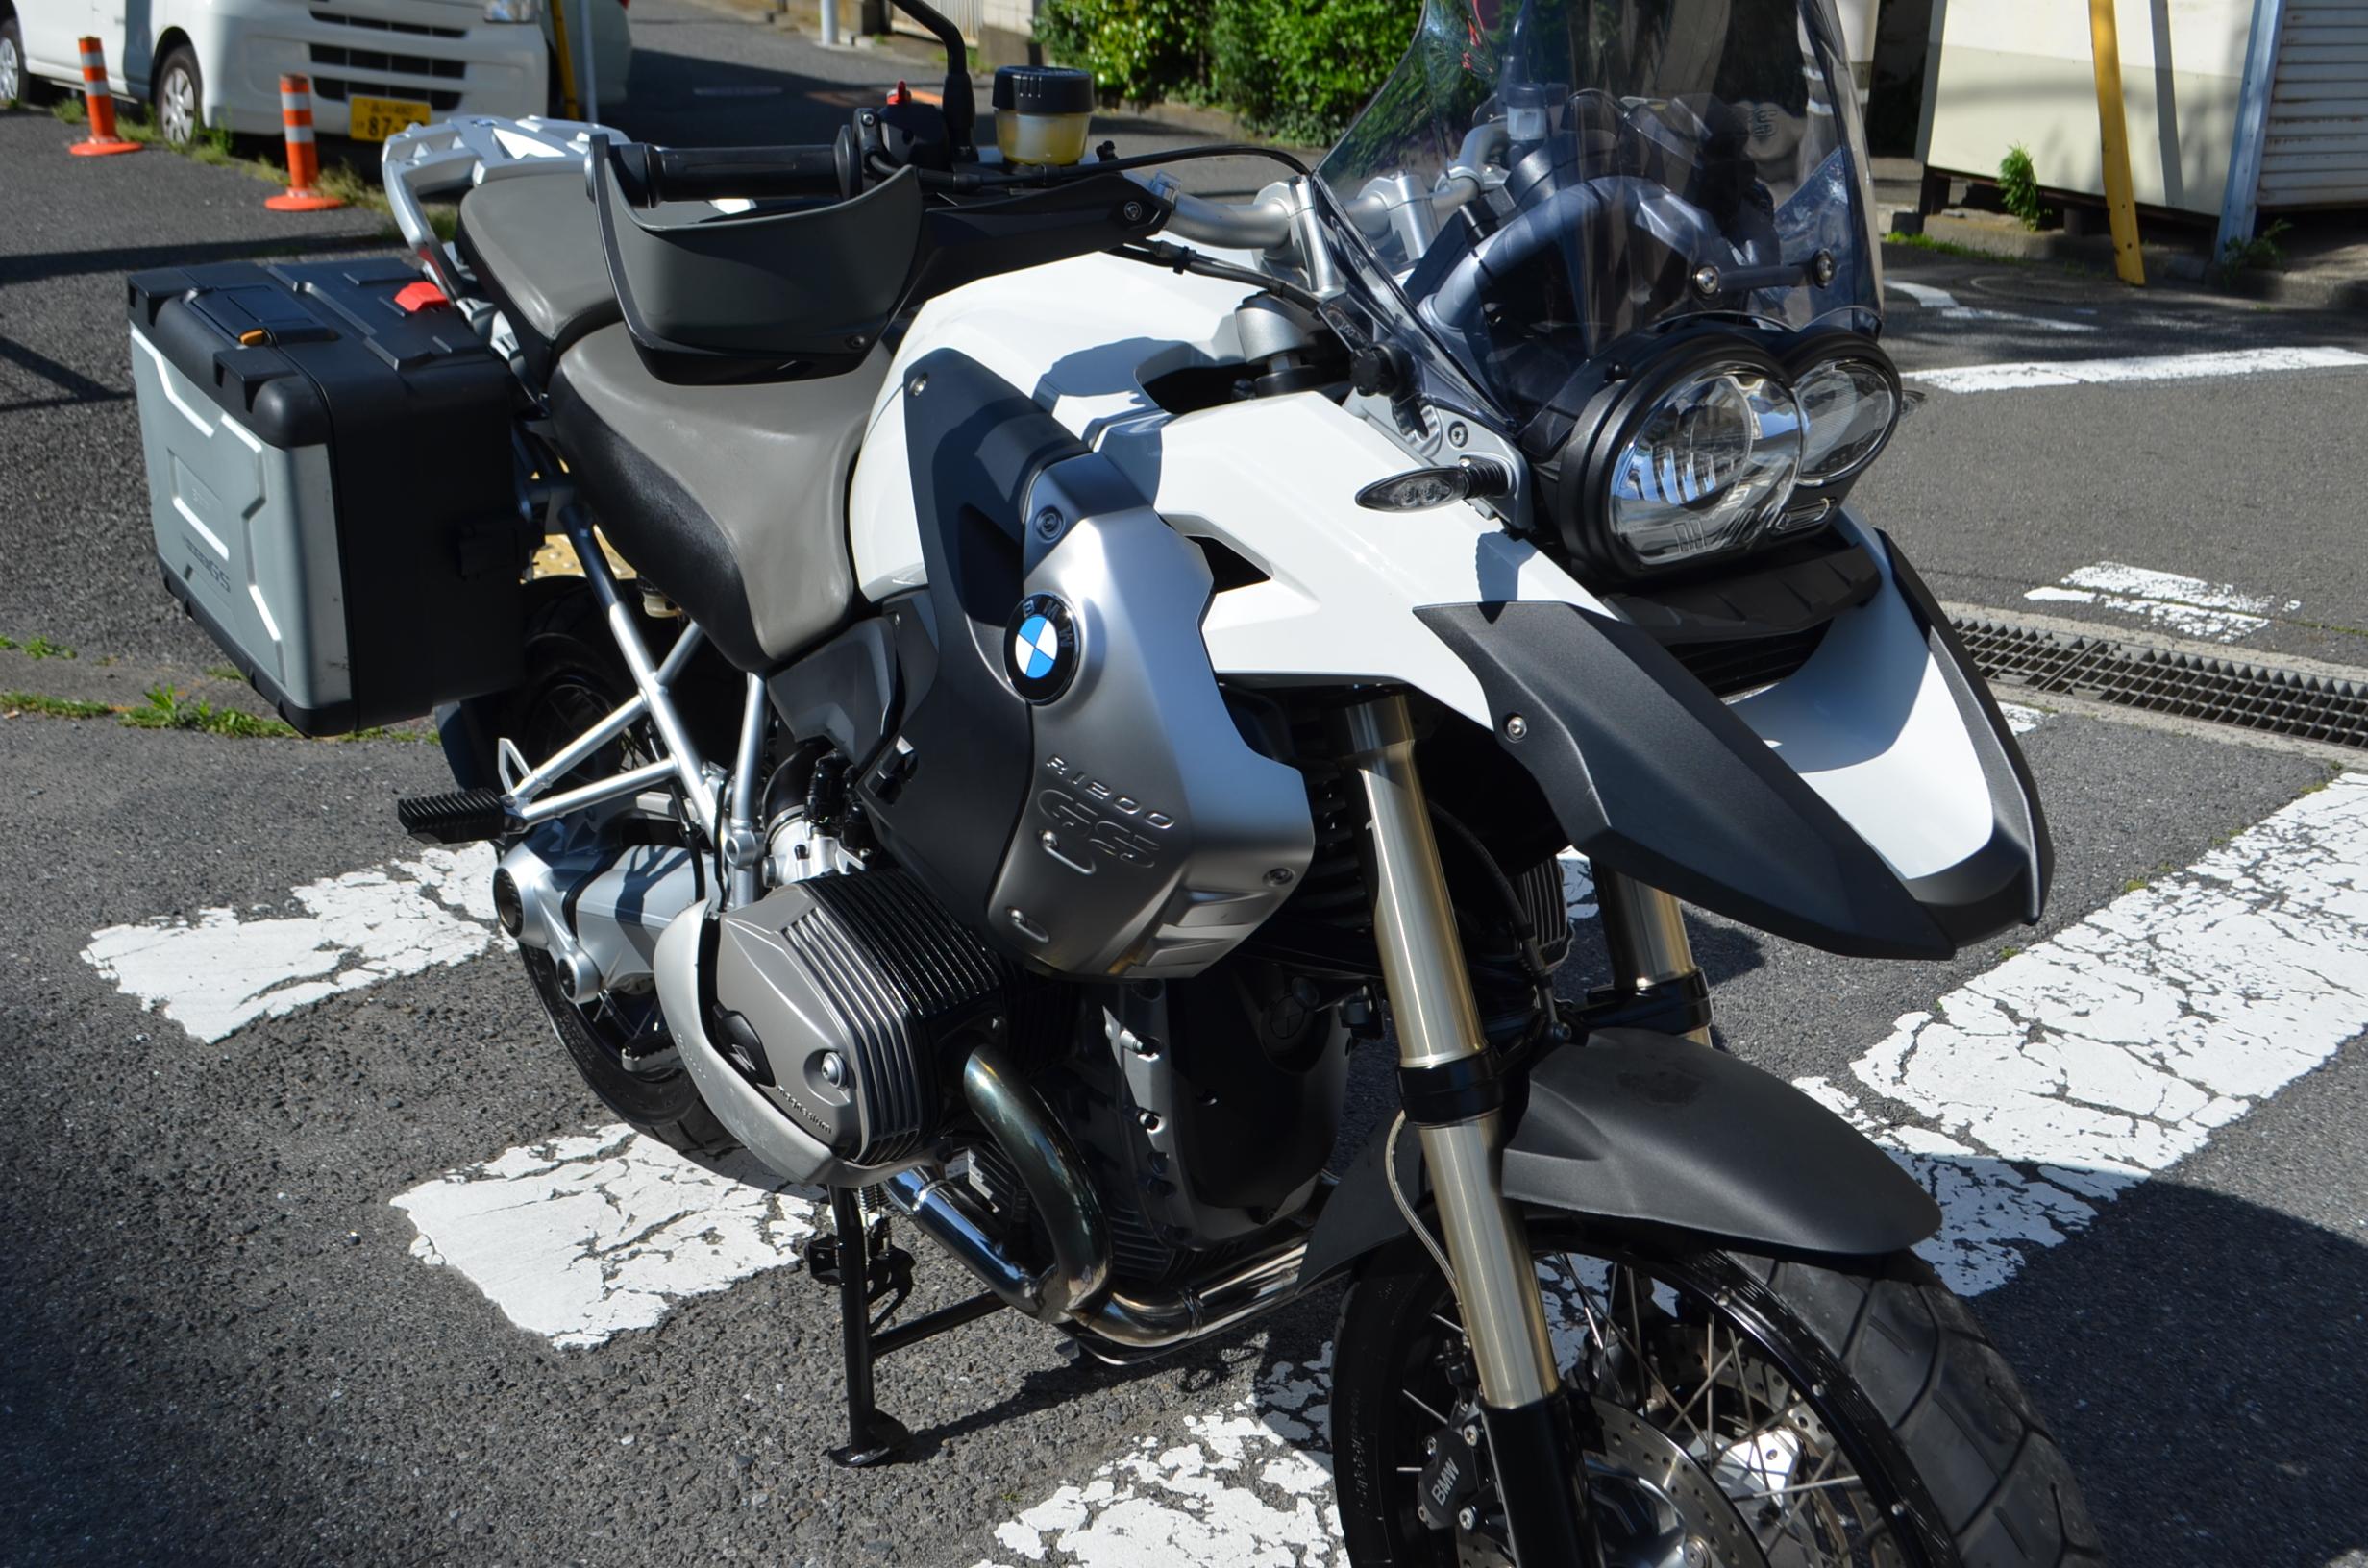 R1200GSアドベンチャー BMW バイクブーン買取情報